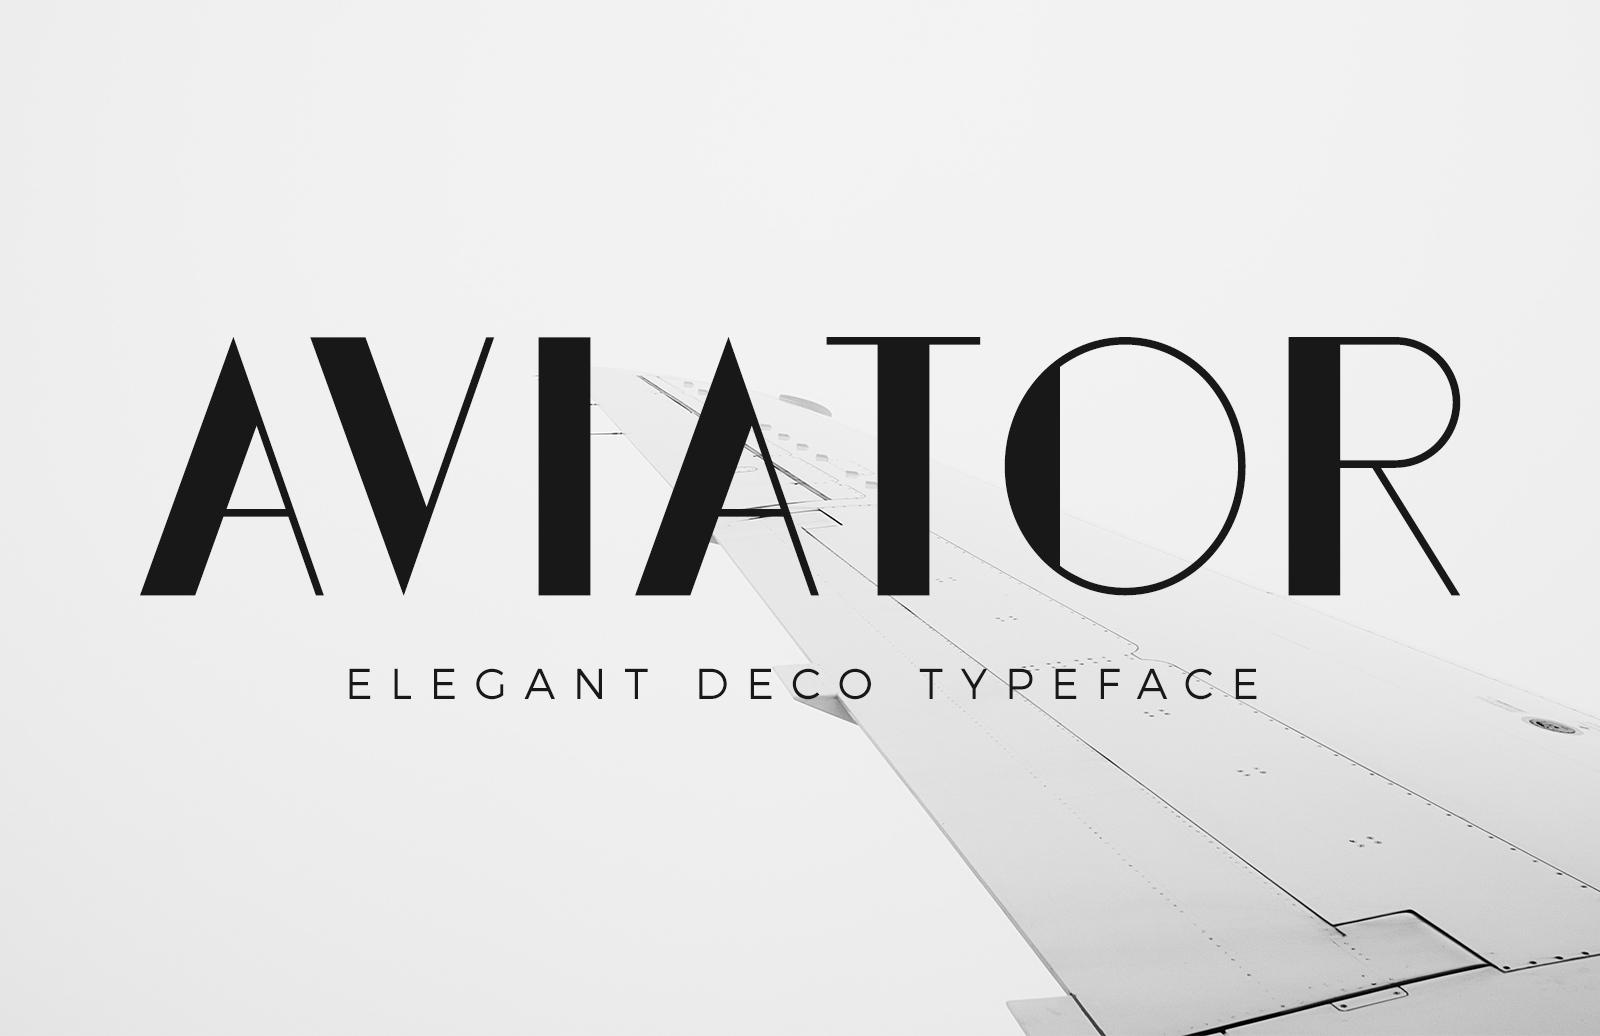 Aviator Elegant Deco Font Preview 1